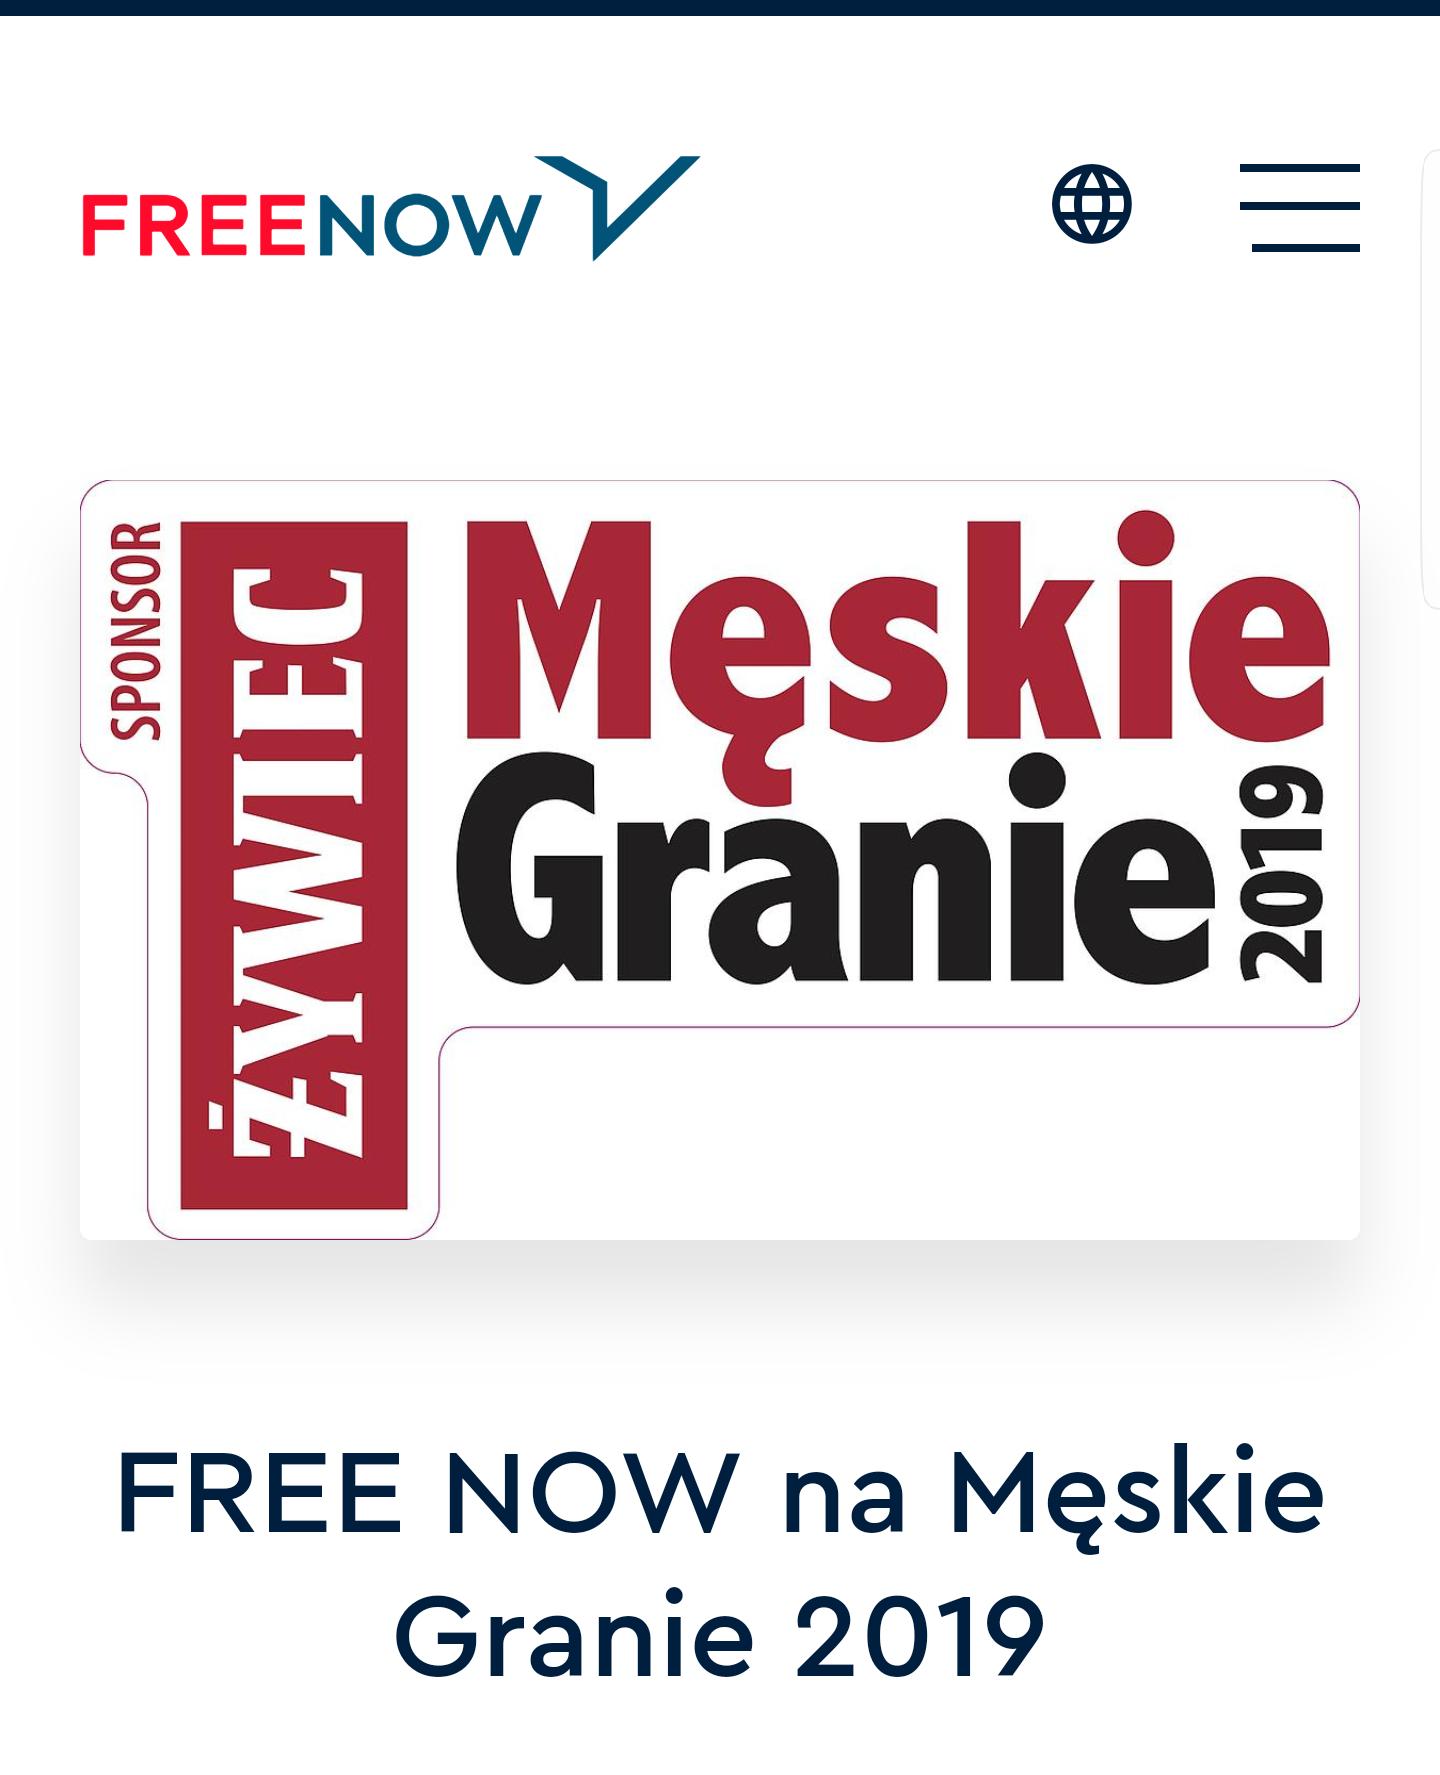 Promocje Free Now na przejazdy w dniu koncertów Męskie Granie 2019